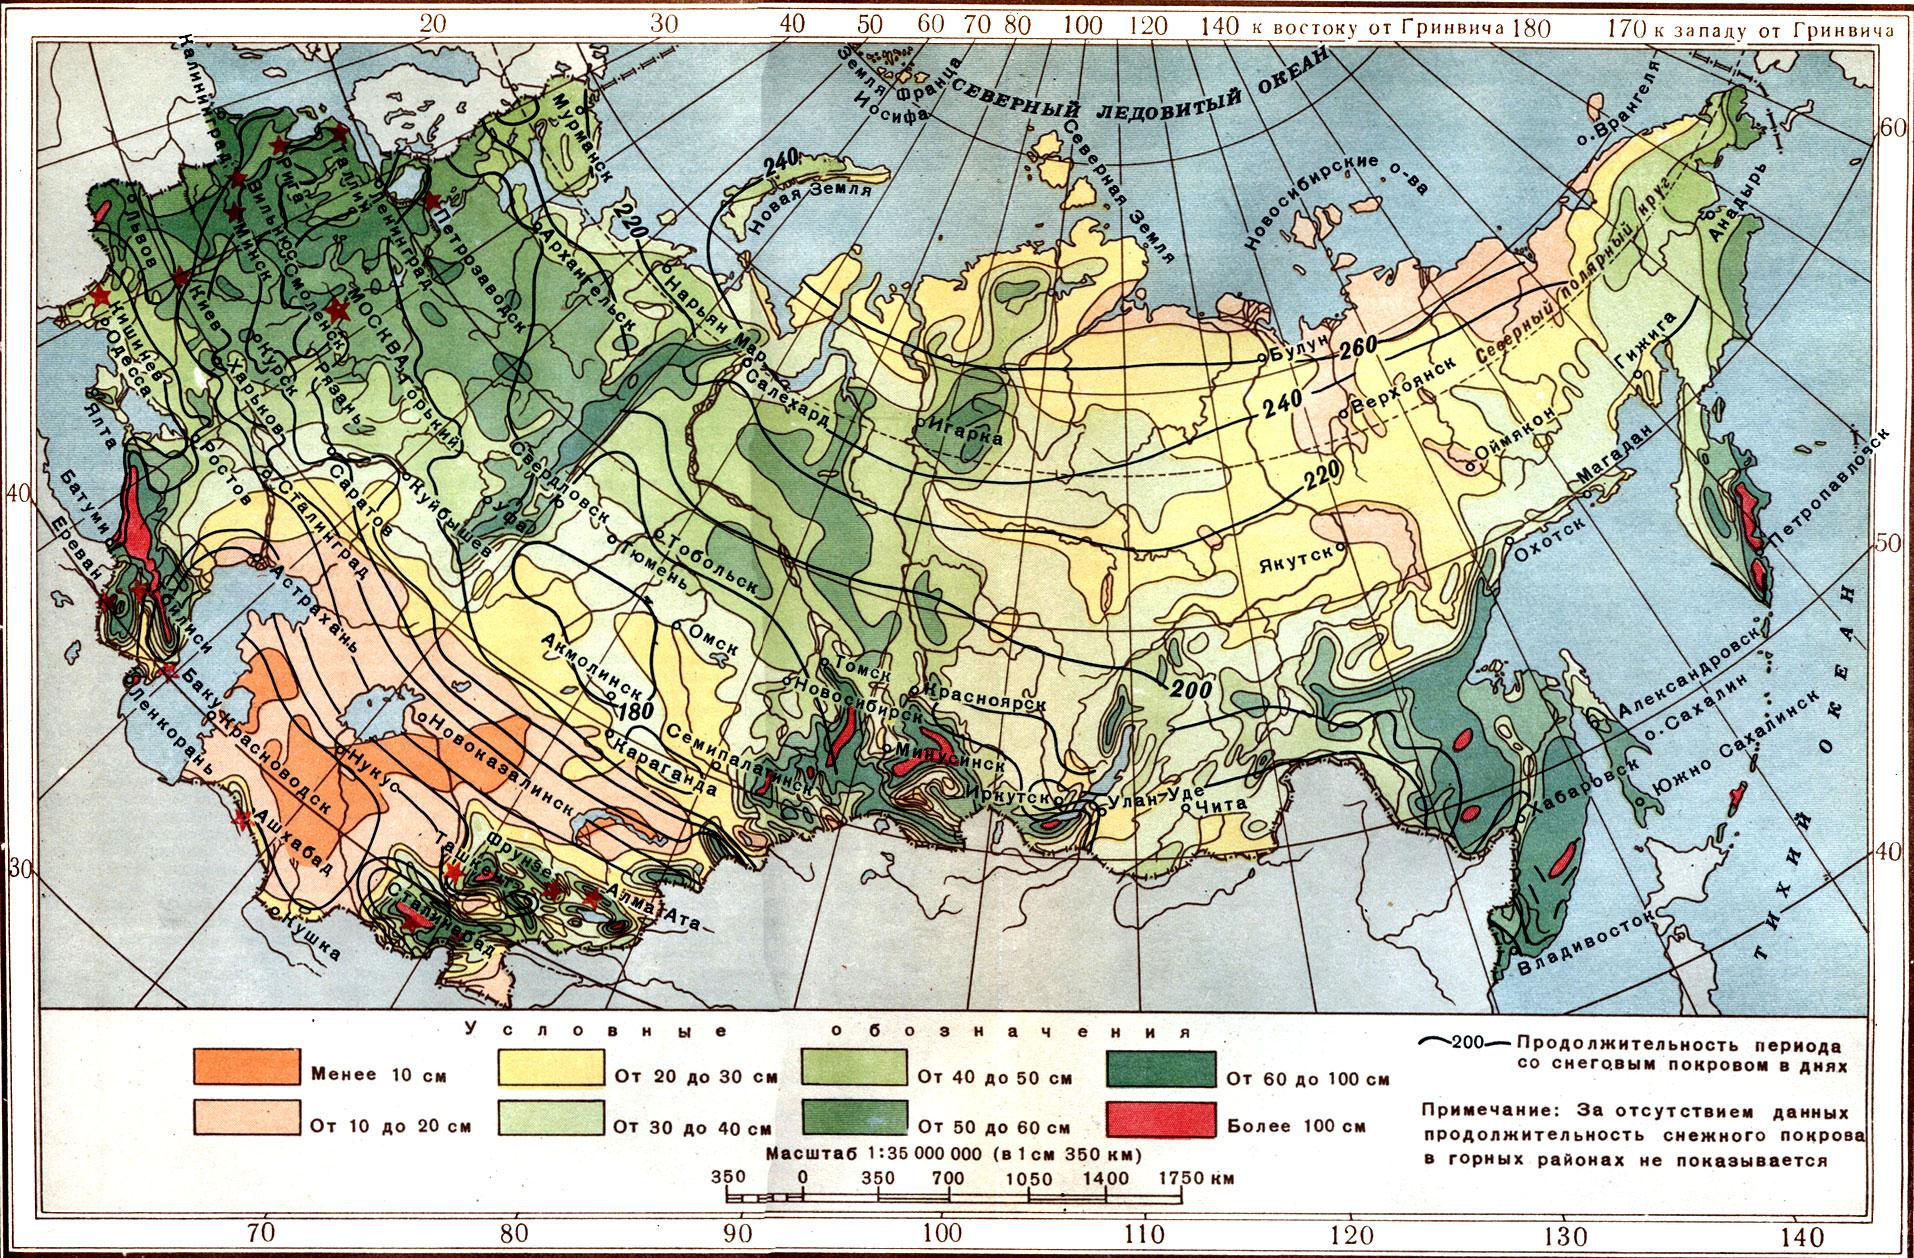 Умеренный климатический пояс — самый большой по площади климатический пояс россии; поэтому для него характерны весьма существенные различия в температурных условиях и увлажнении по мере движения с запада на восток и с севера на юг.